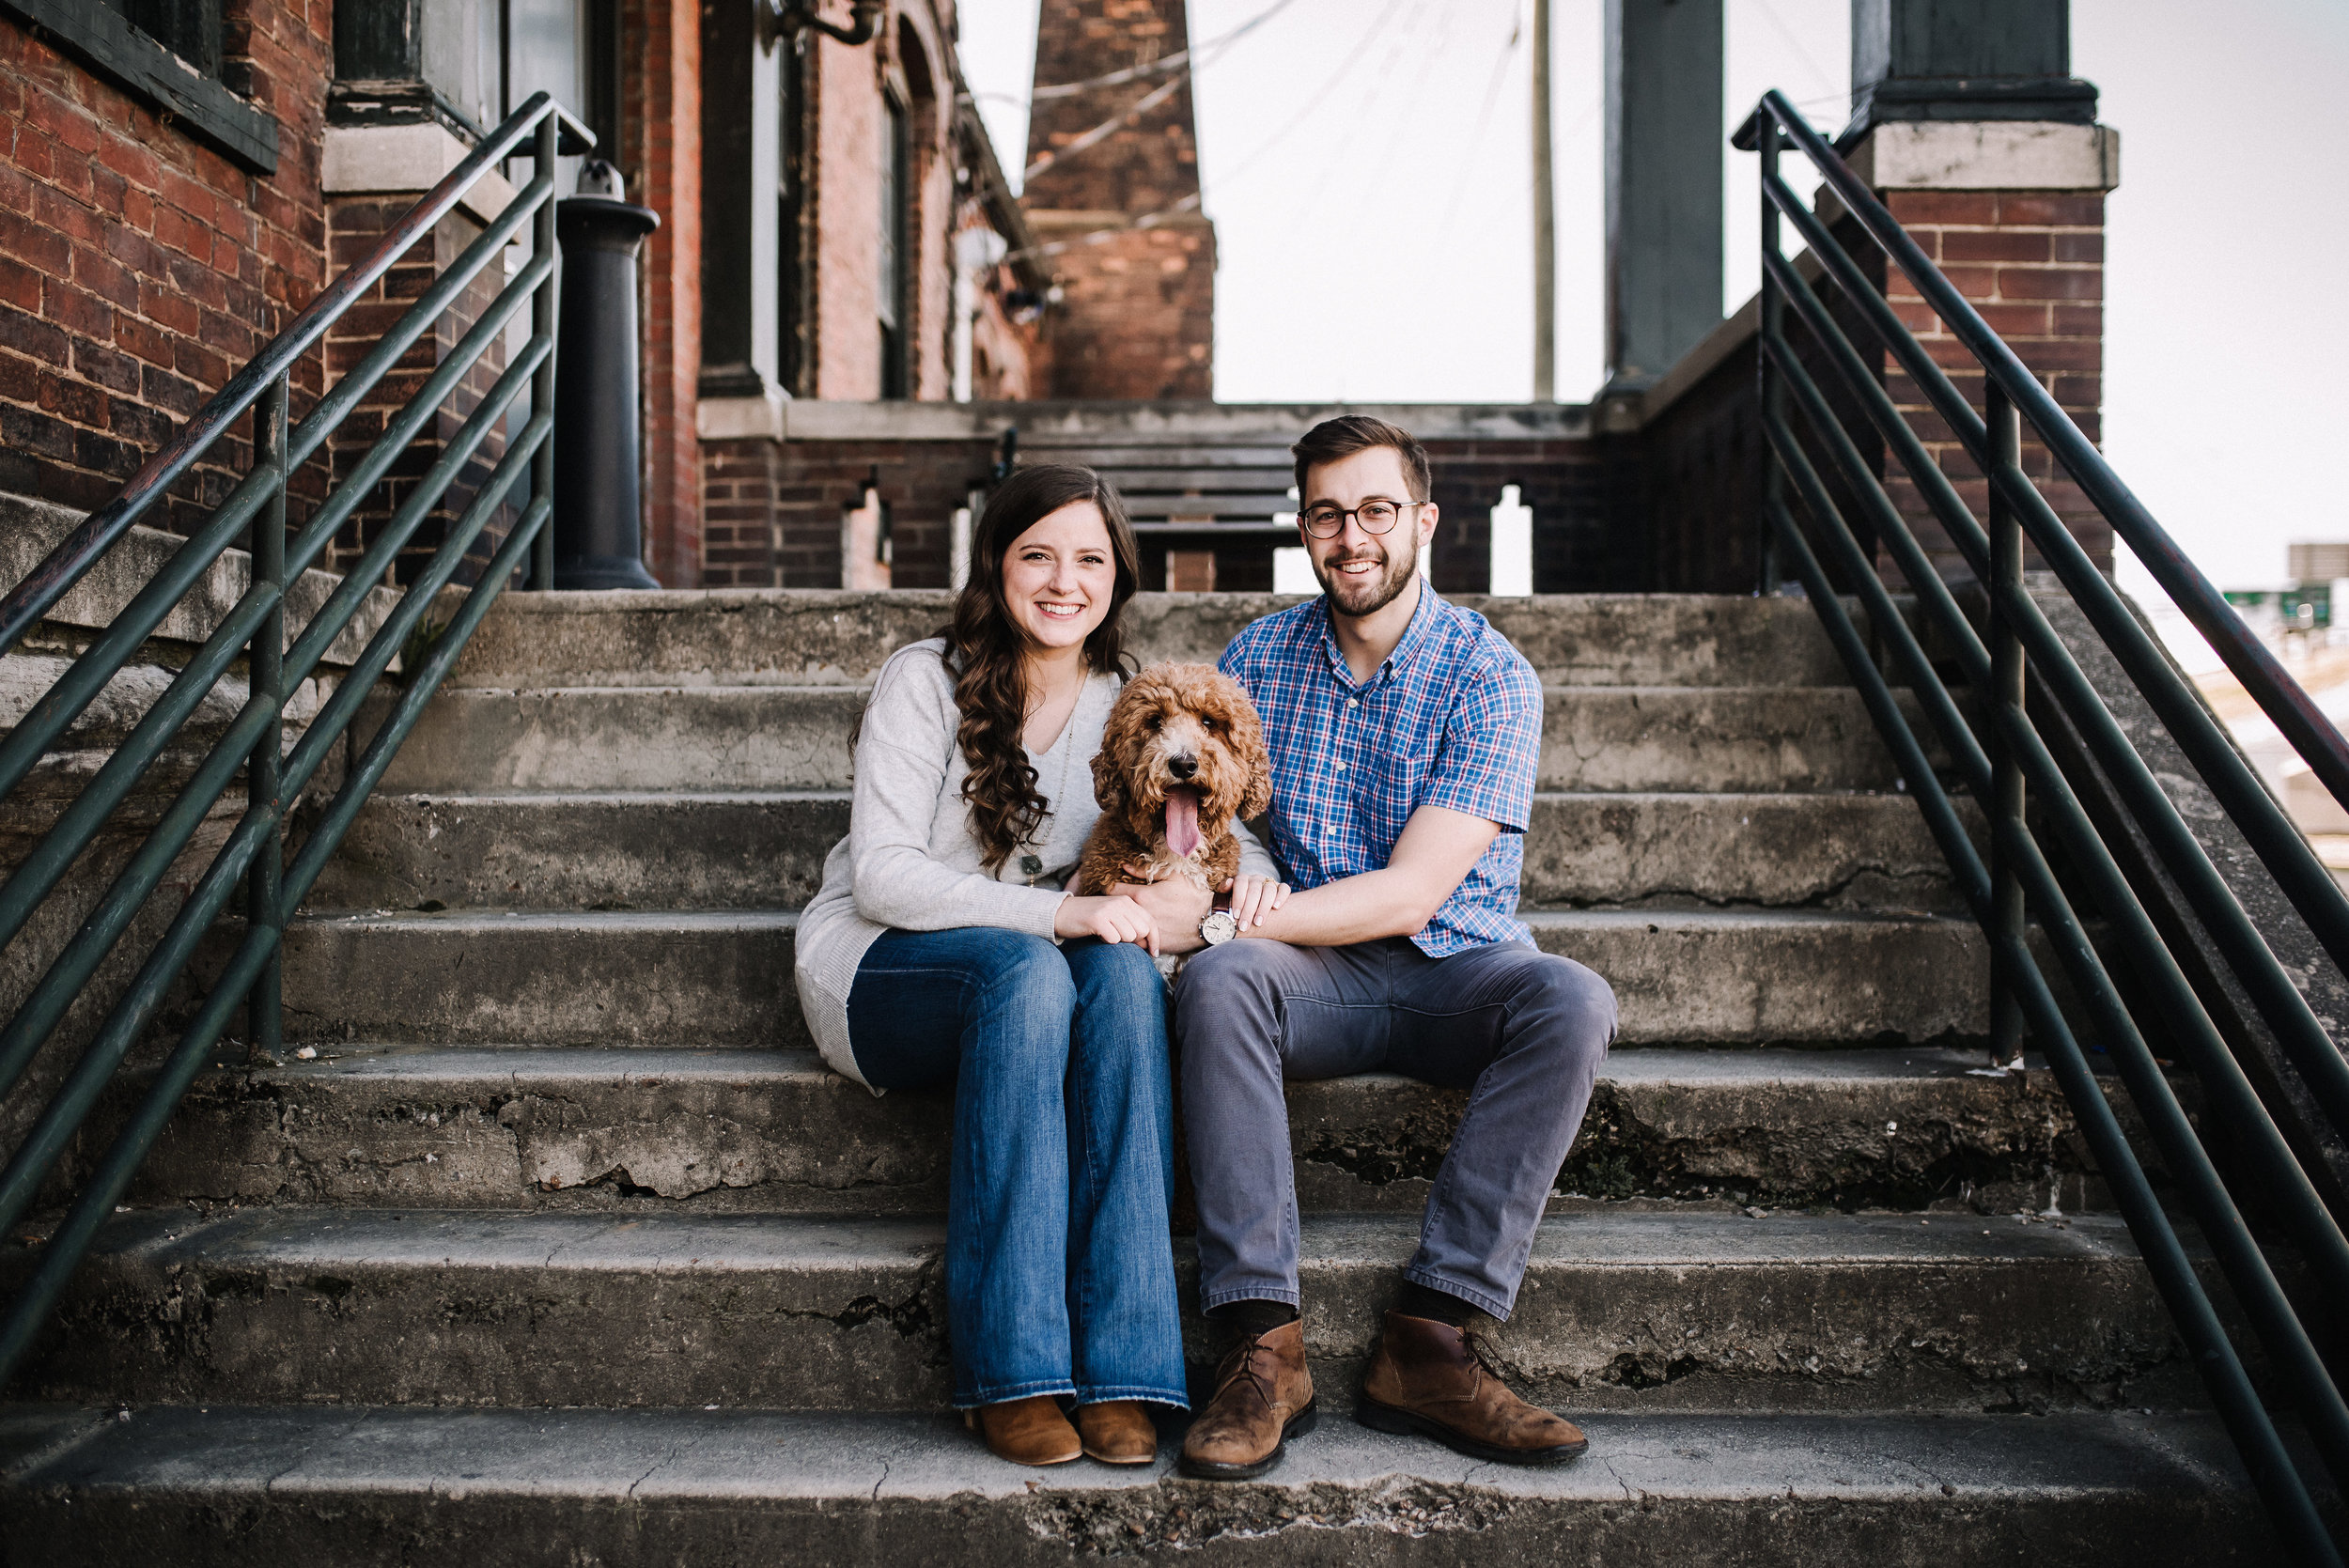 Adeline&James_Nashville-Engagement-Session-1070.jpg